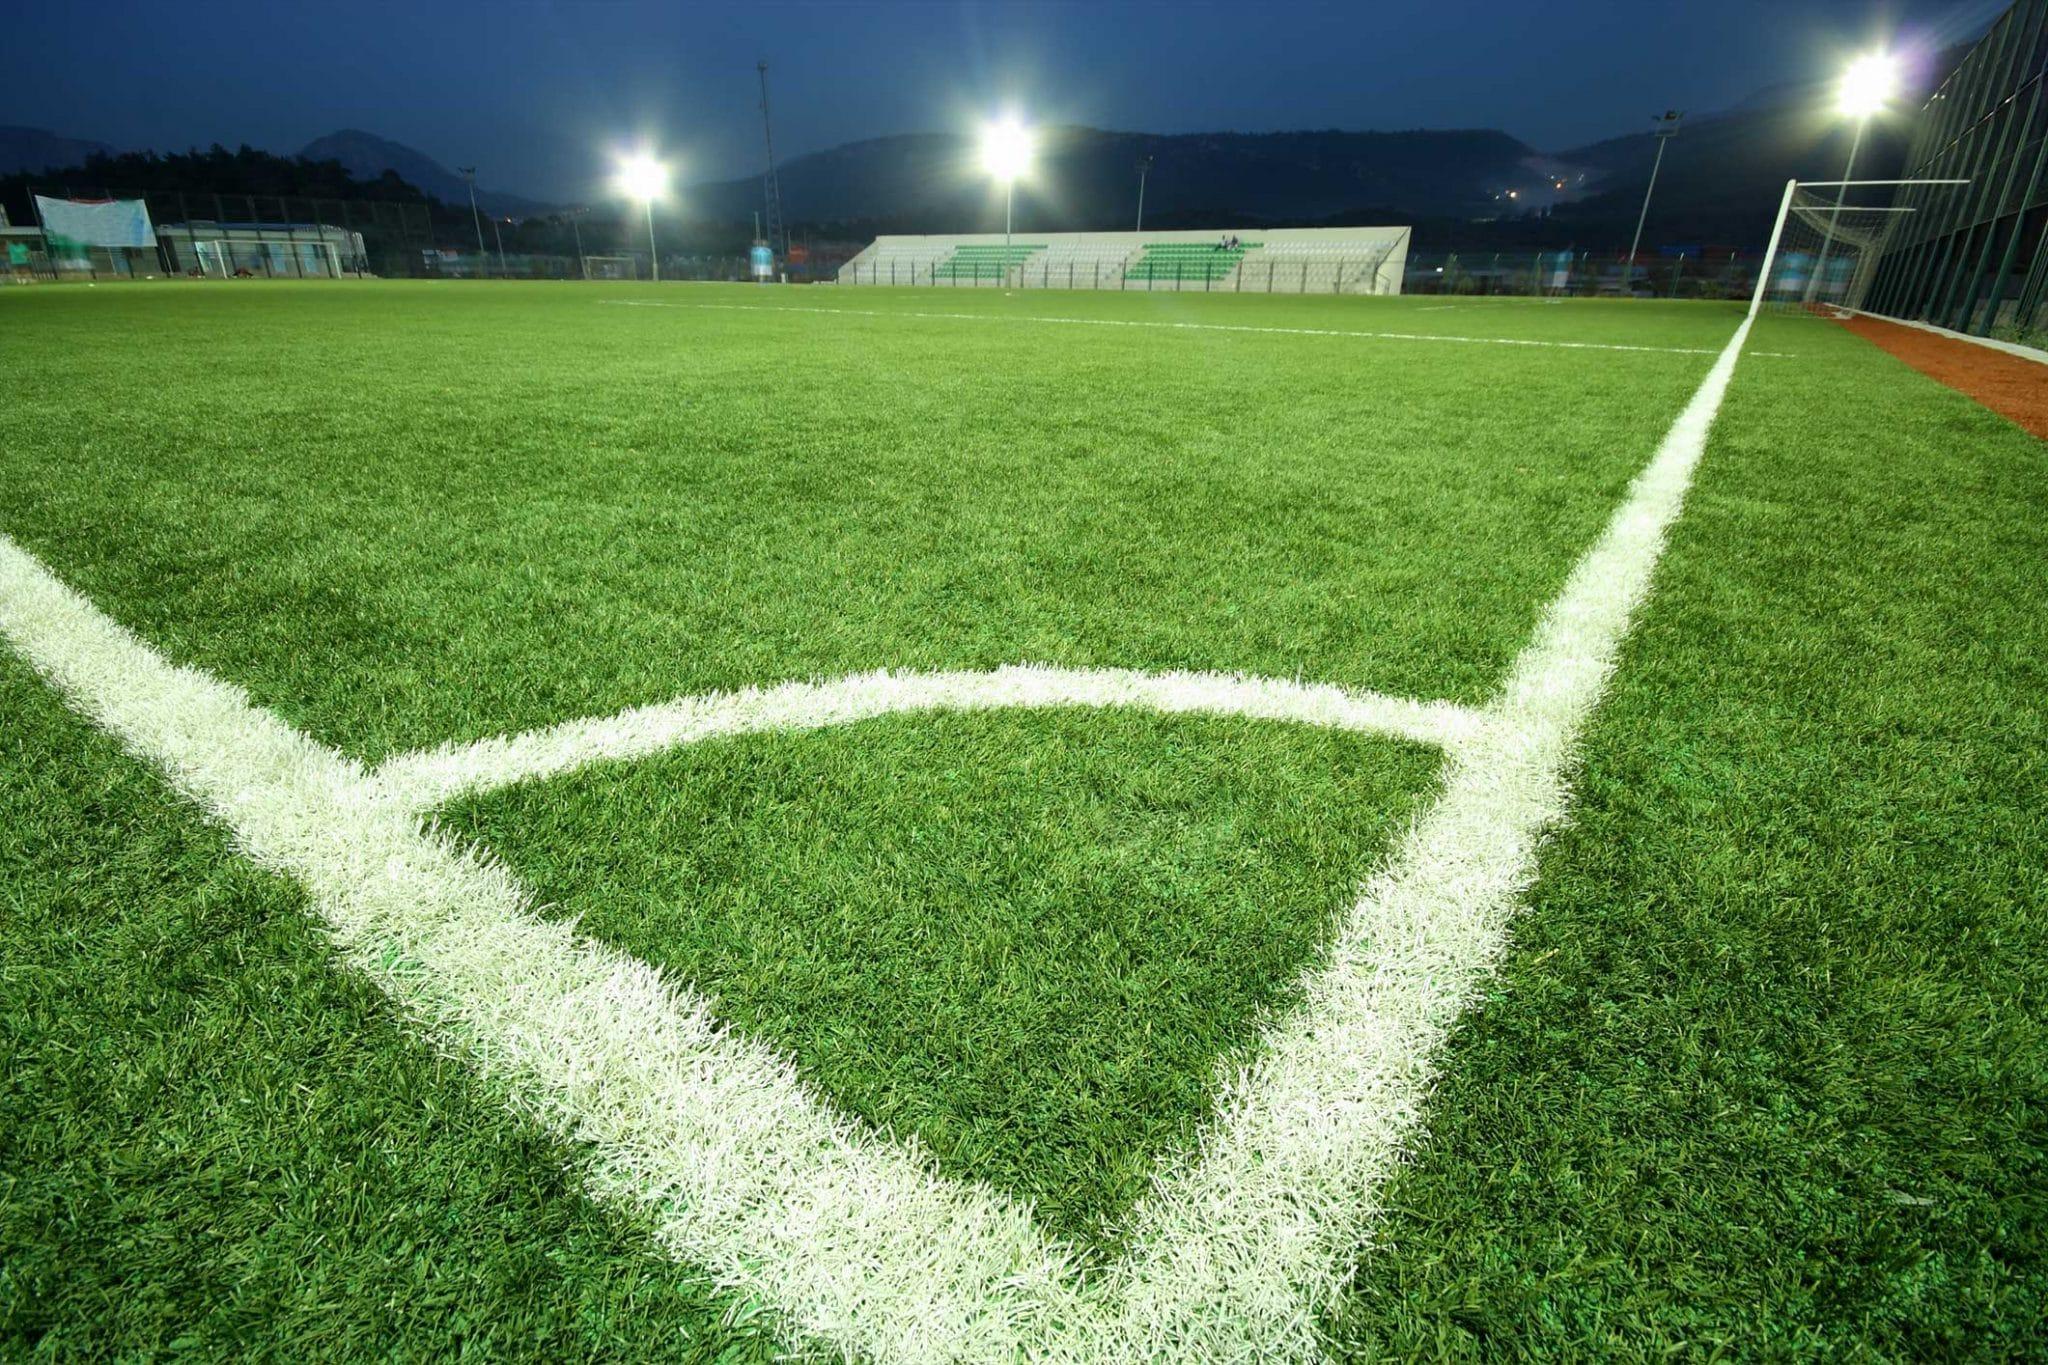 Fußballplatz-Beleuchtung Foto von unten